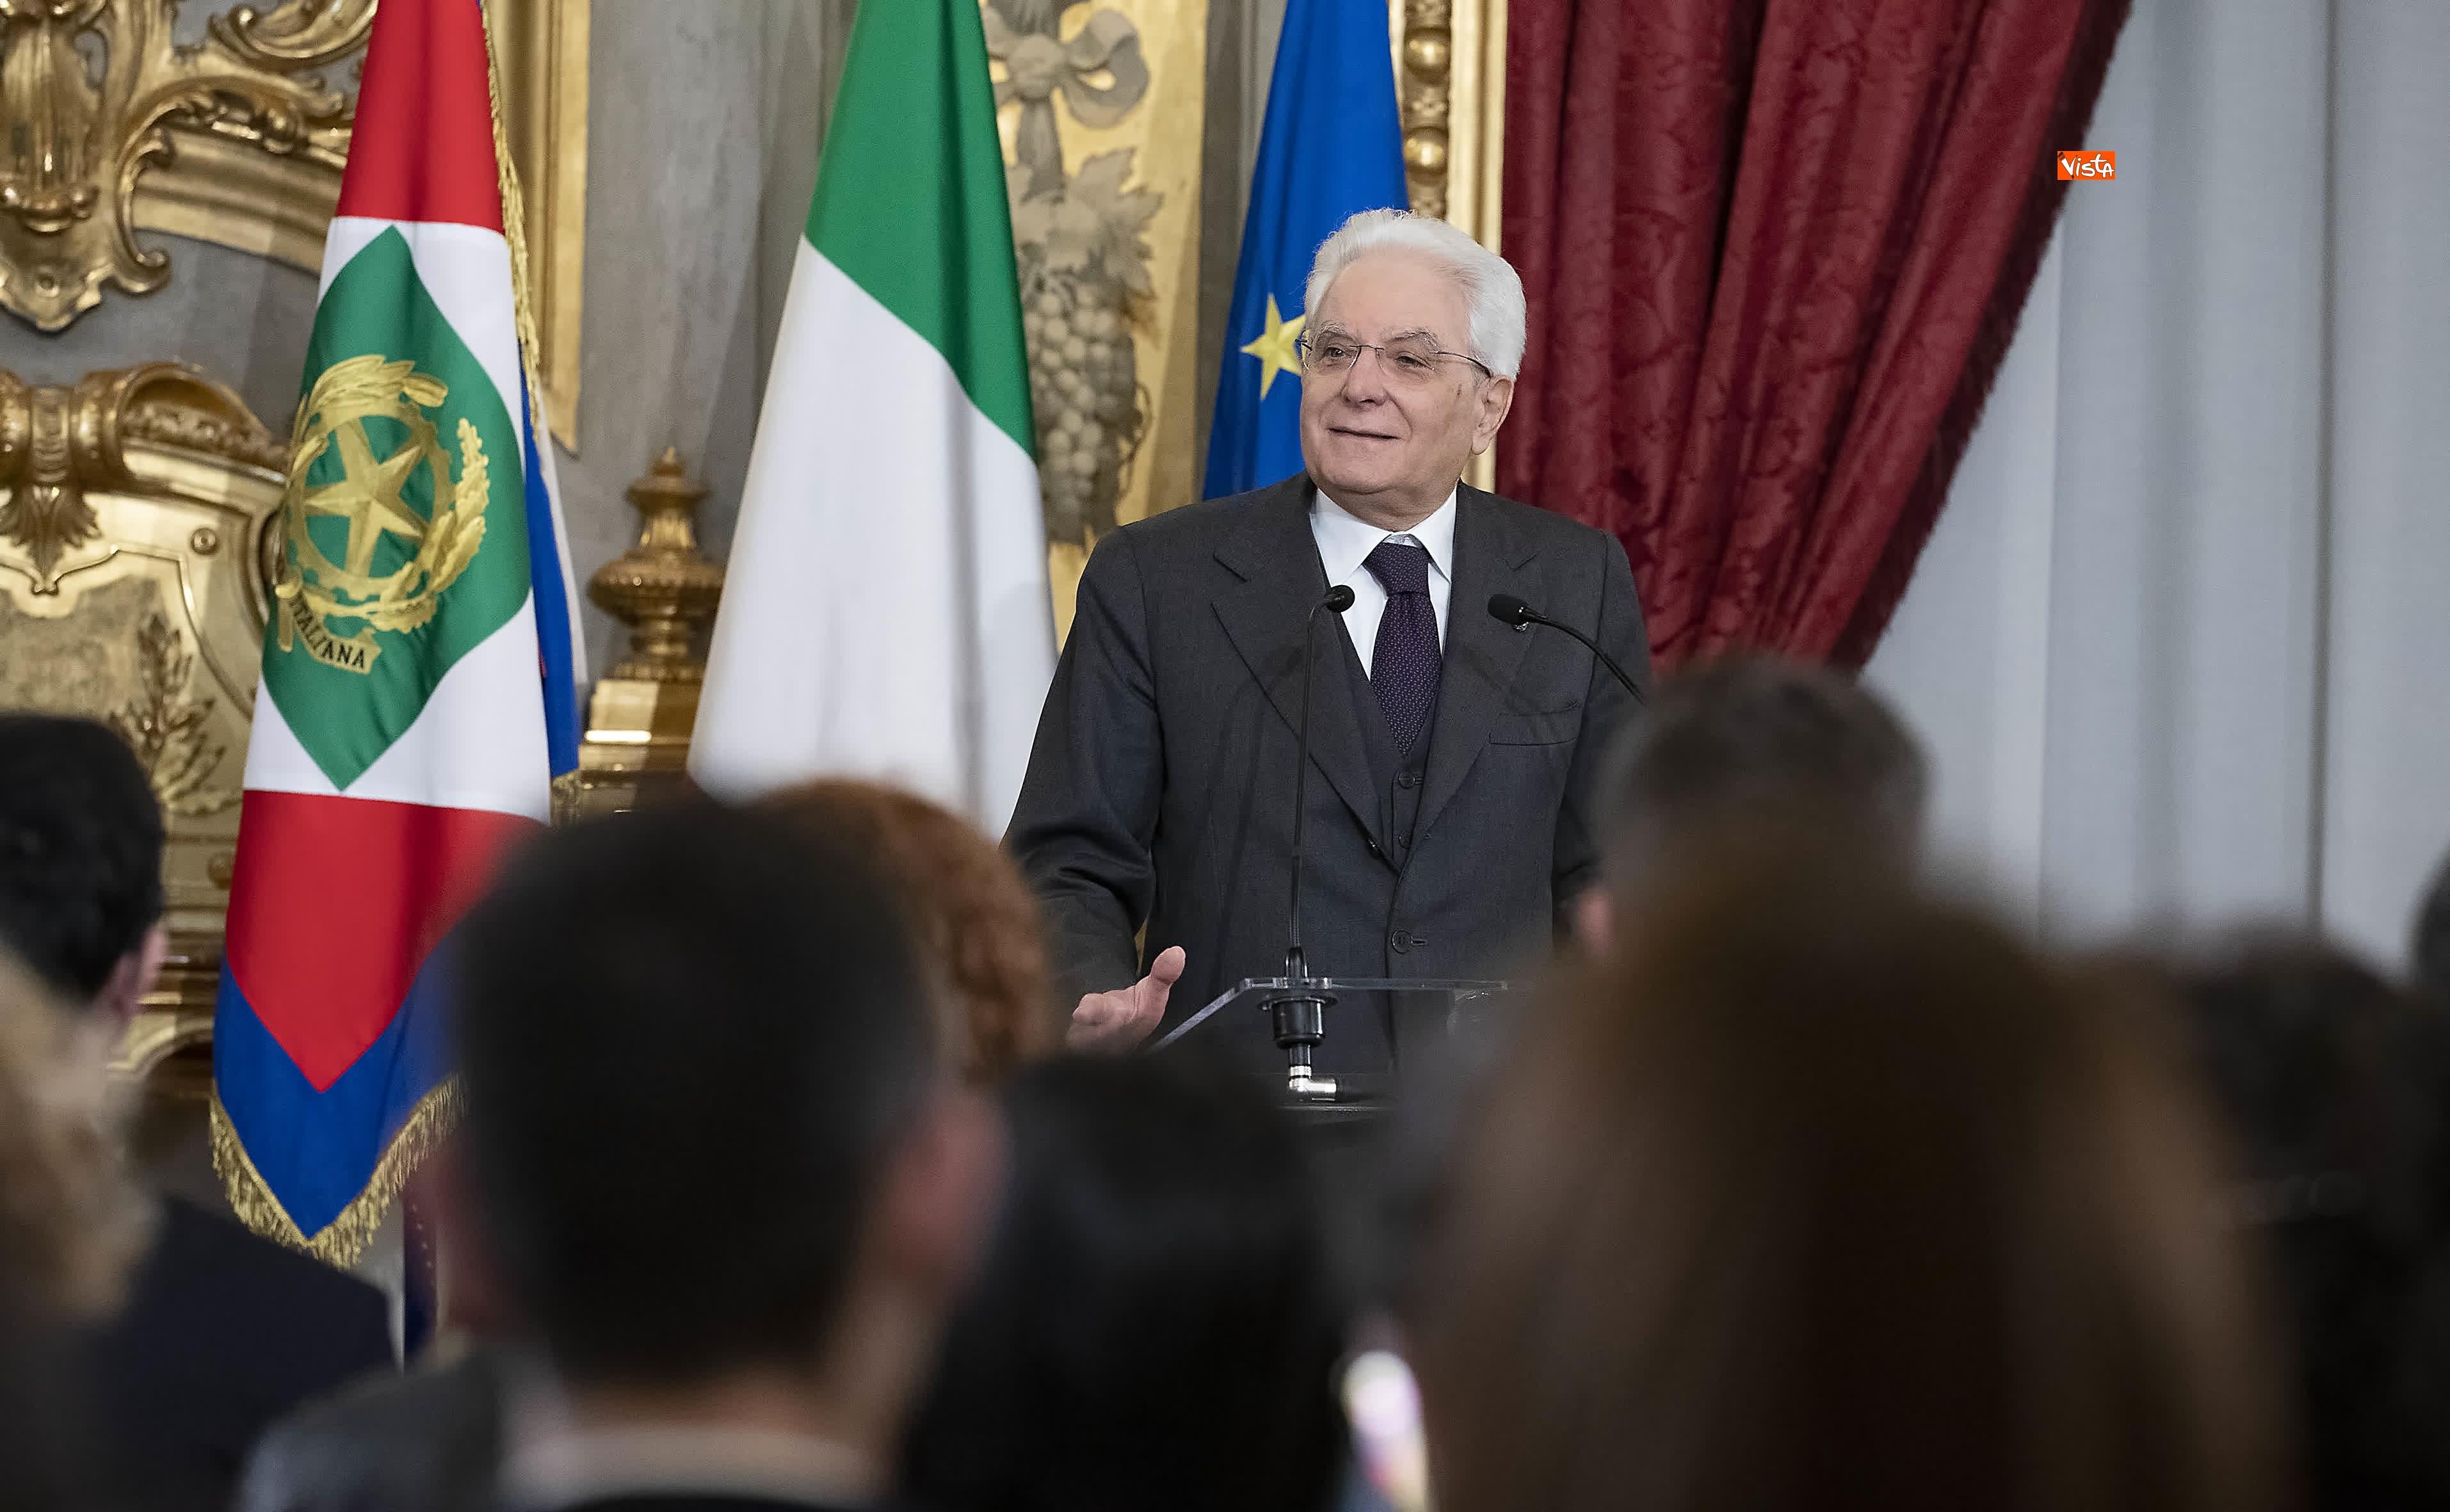 13-03-19 Mattarella consegna gli Attestati d Onore ai nuovi Alfieri della Repubblica, le immagini_07